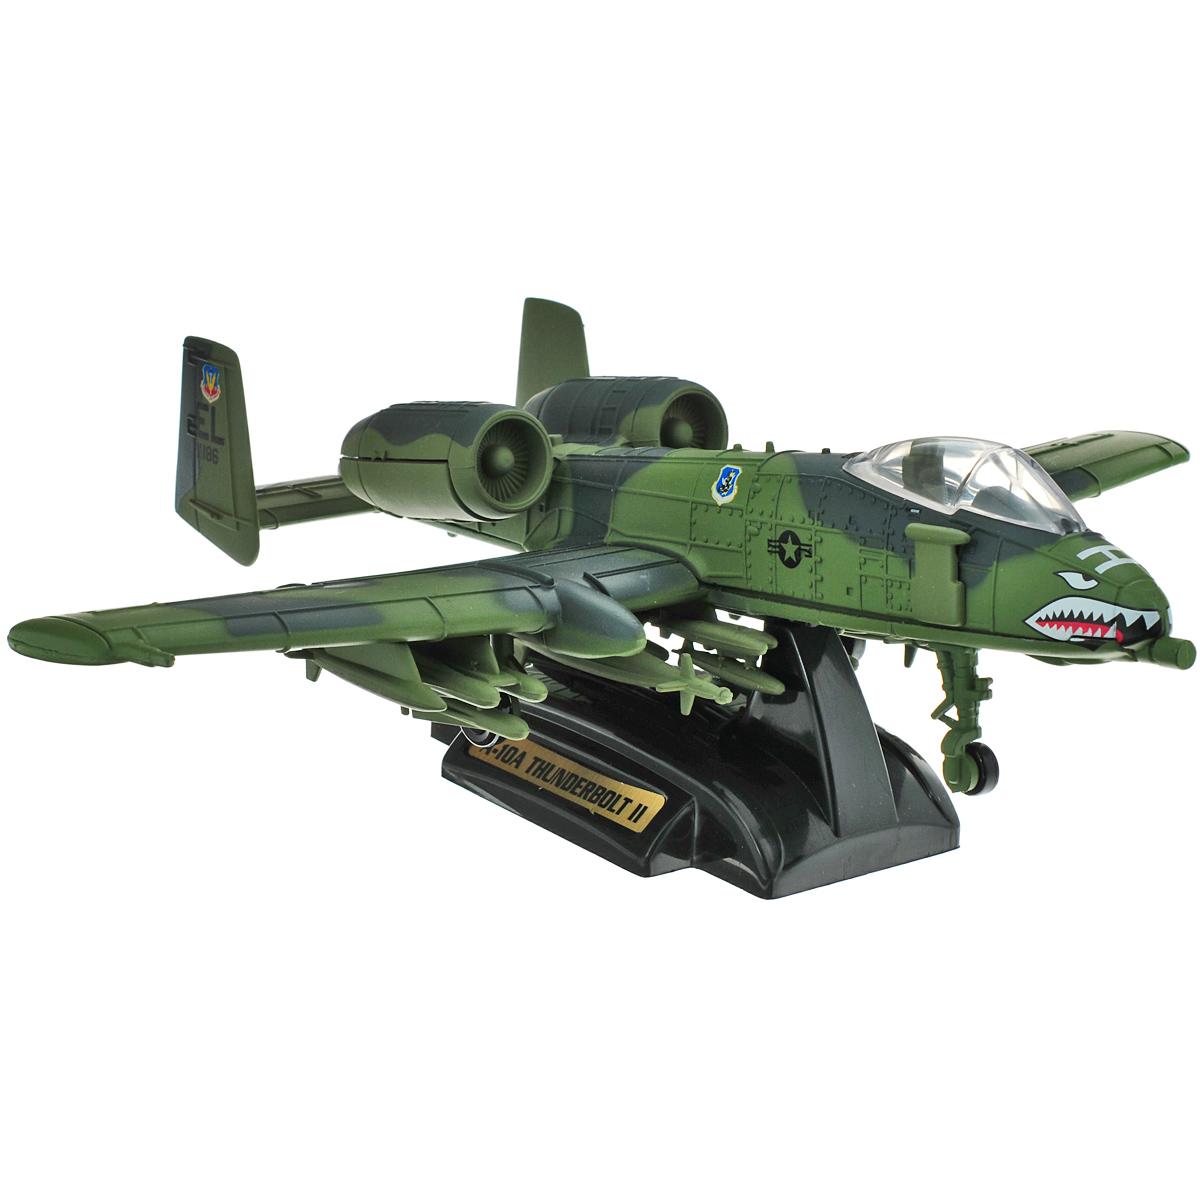 MotorMax Cамолет A10A Thunderbolt II76367Модель самолета MotorMax A10A Thunderbolt II станет хорошим подарком для ребенка, который увлекается авиацией. Она имеет отличную детализацию и является уменьшенной копией настоящего боевого американского самолета. A10A Thunderbolt II выполнен из прочных материалов, поэтому им можно играть как обычной игрушкой, не боясь сломать. Используемые компоненты экологически чистые, поэтому не навредят ни вашему ребенку, ни окружающей среде. Модель снабжена подставкой. A-10 - американский одноместный штурмовик, созданный для борьбы с бронетехникой противника и с прочими наземными целями.